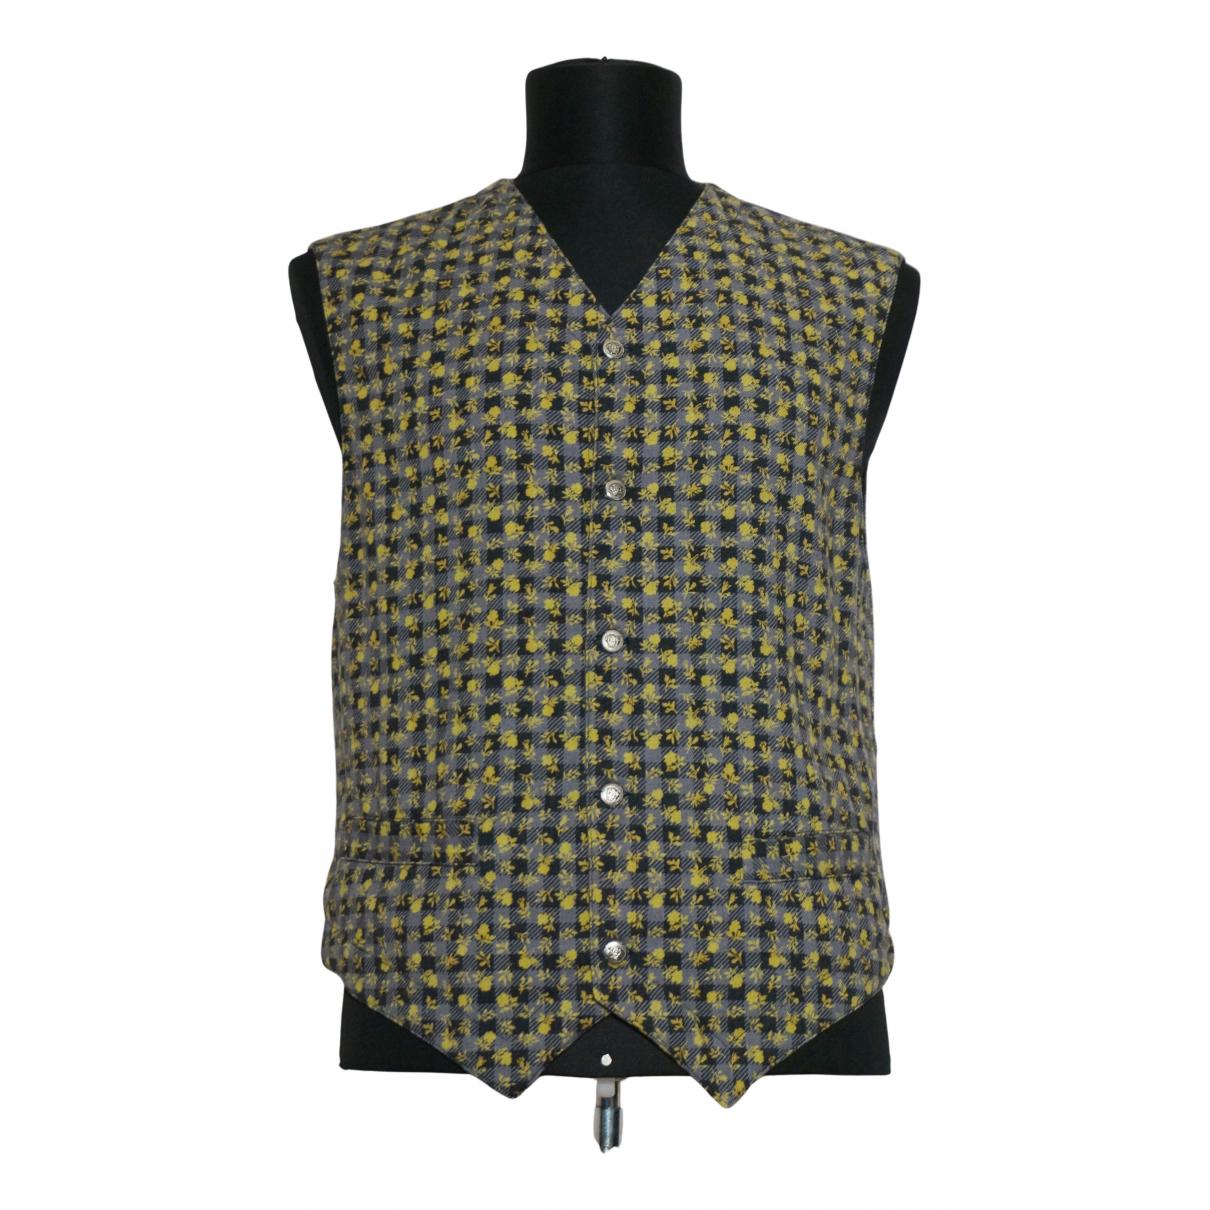 Versace Jeans N Wool Knitwear & Sweatshirts for Men L International